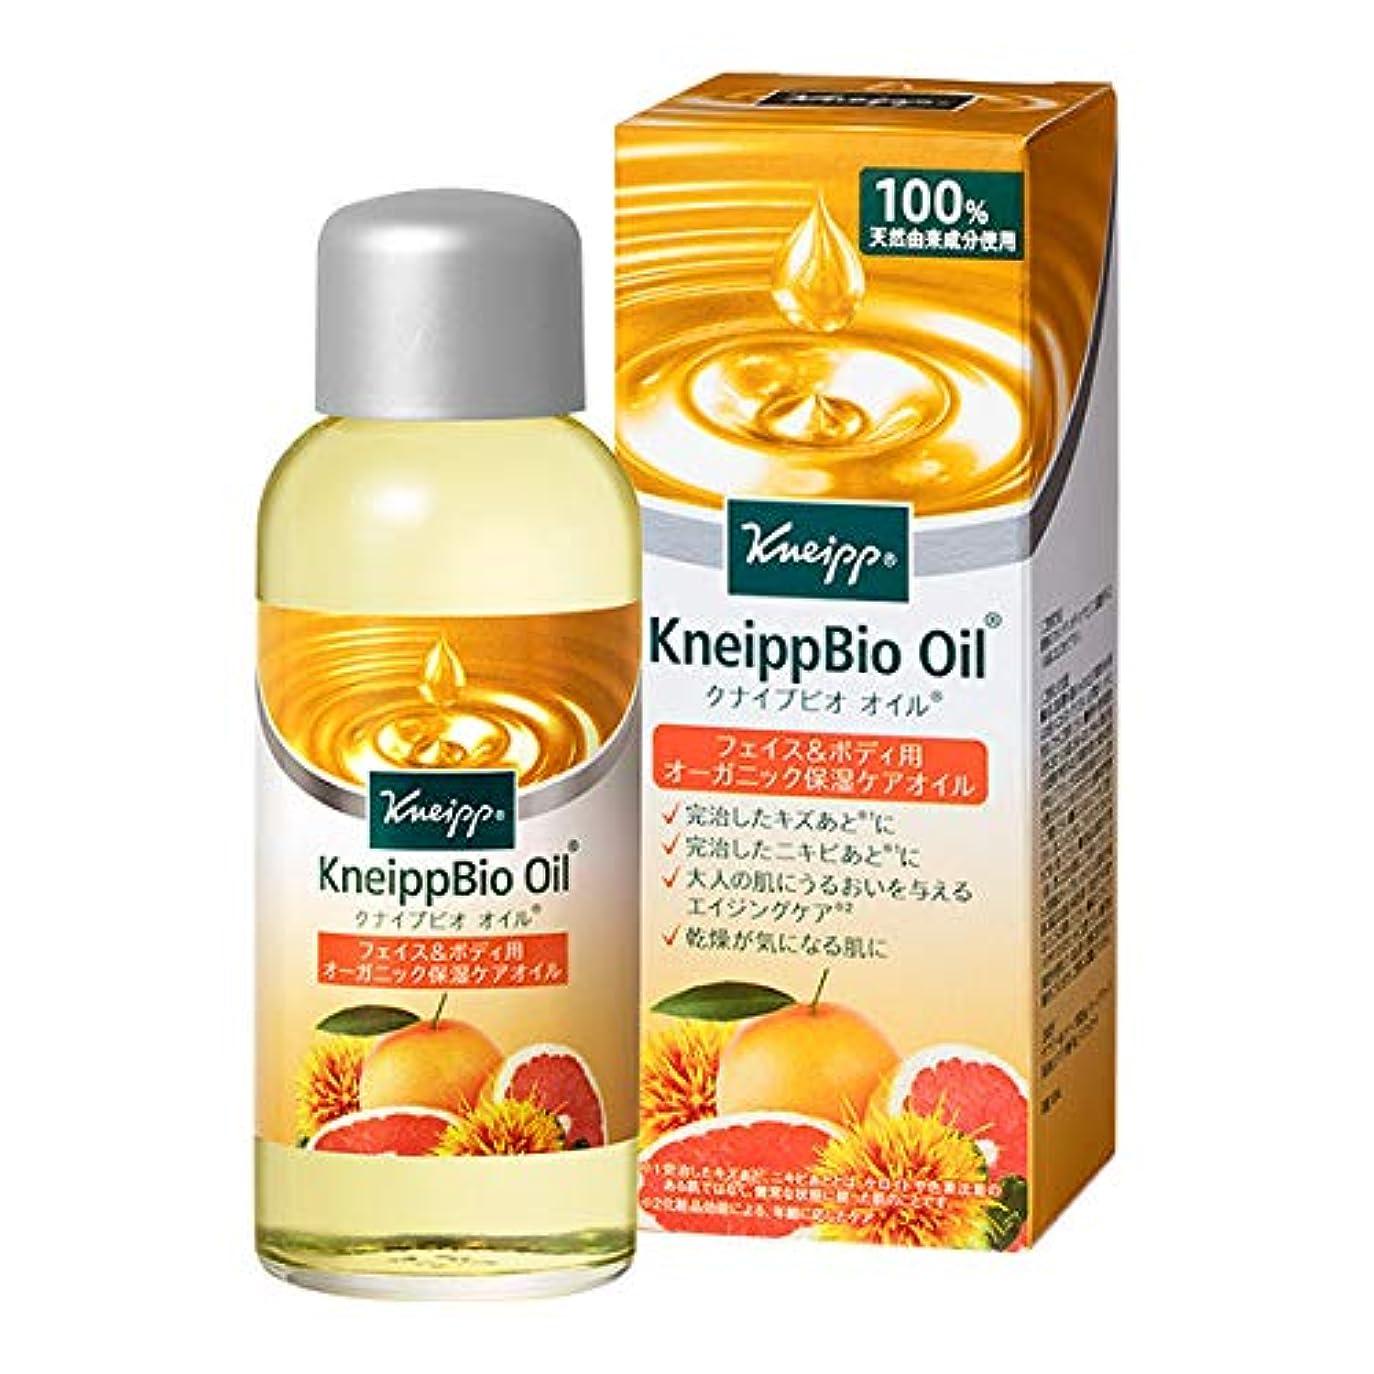 ディスコ保持対処クナイプ(Kneipp) クナイプ ビオオイル100mL 美容液